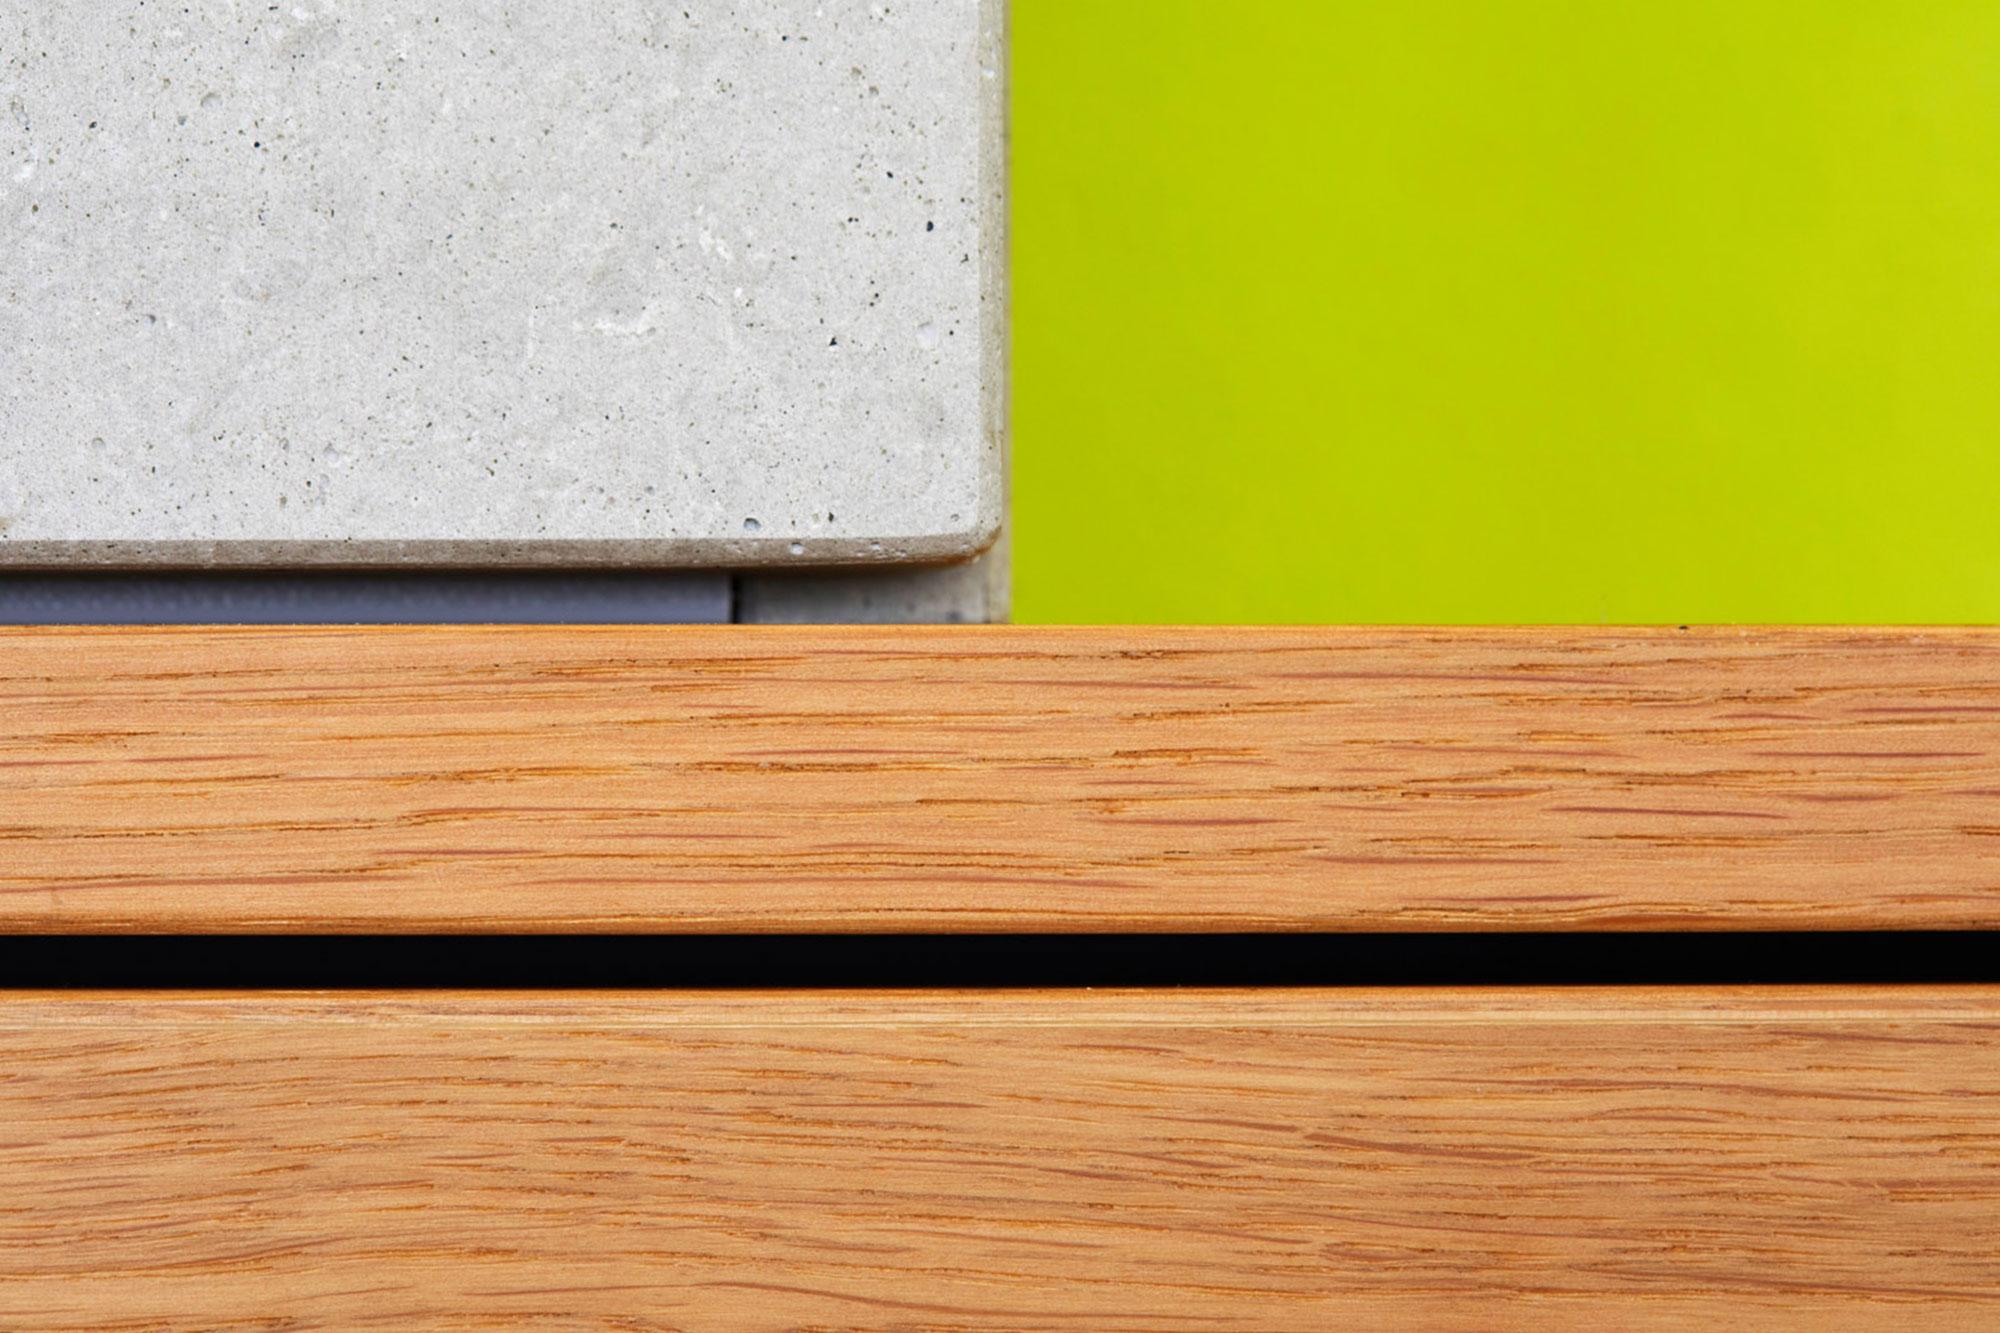 Tischlerei Stöckl Ebbs Wohnküche Echtbeton Inneneinrichtung Möbel Detailaufnahme Holz und Beton